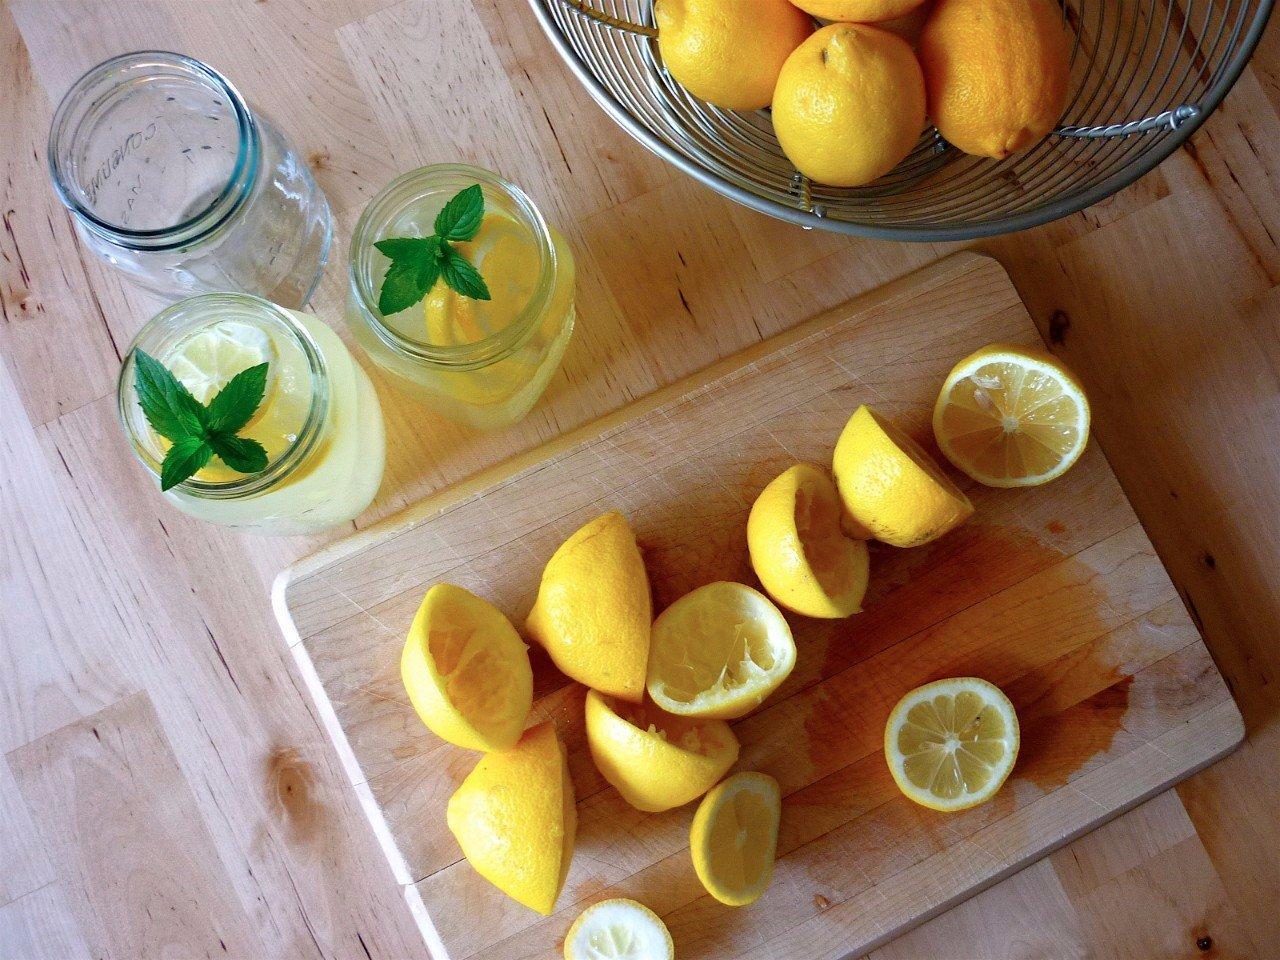 raisons de boire de l'eau avec du citron dans la matinée : - .